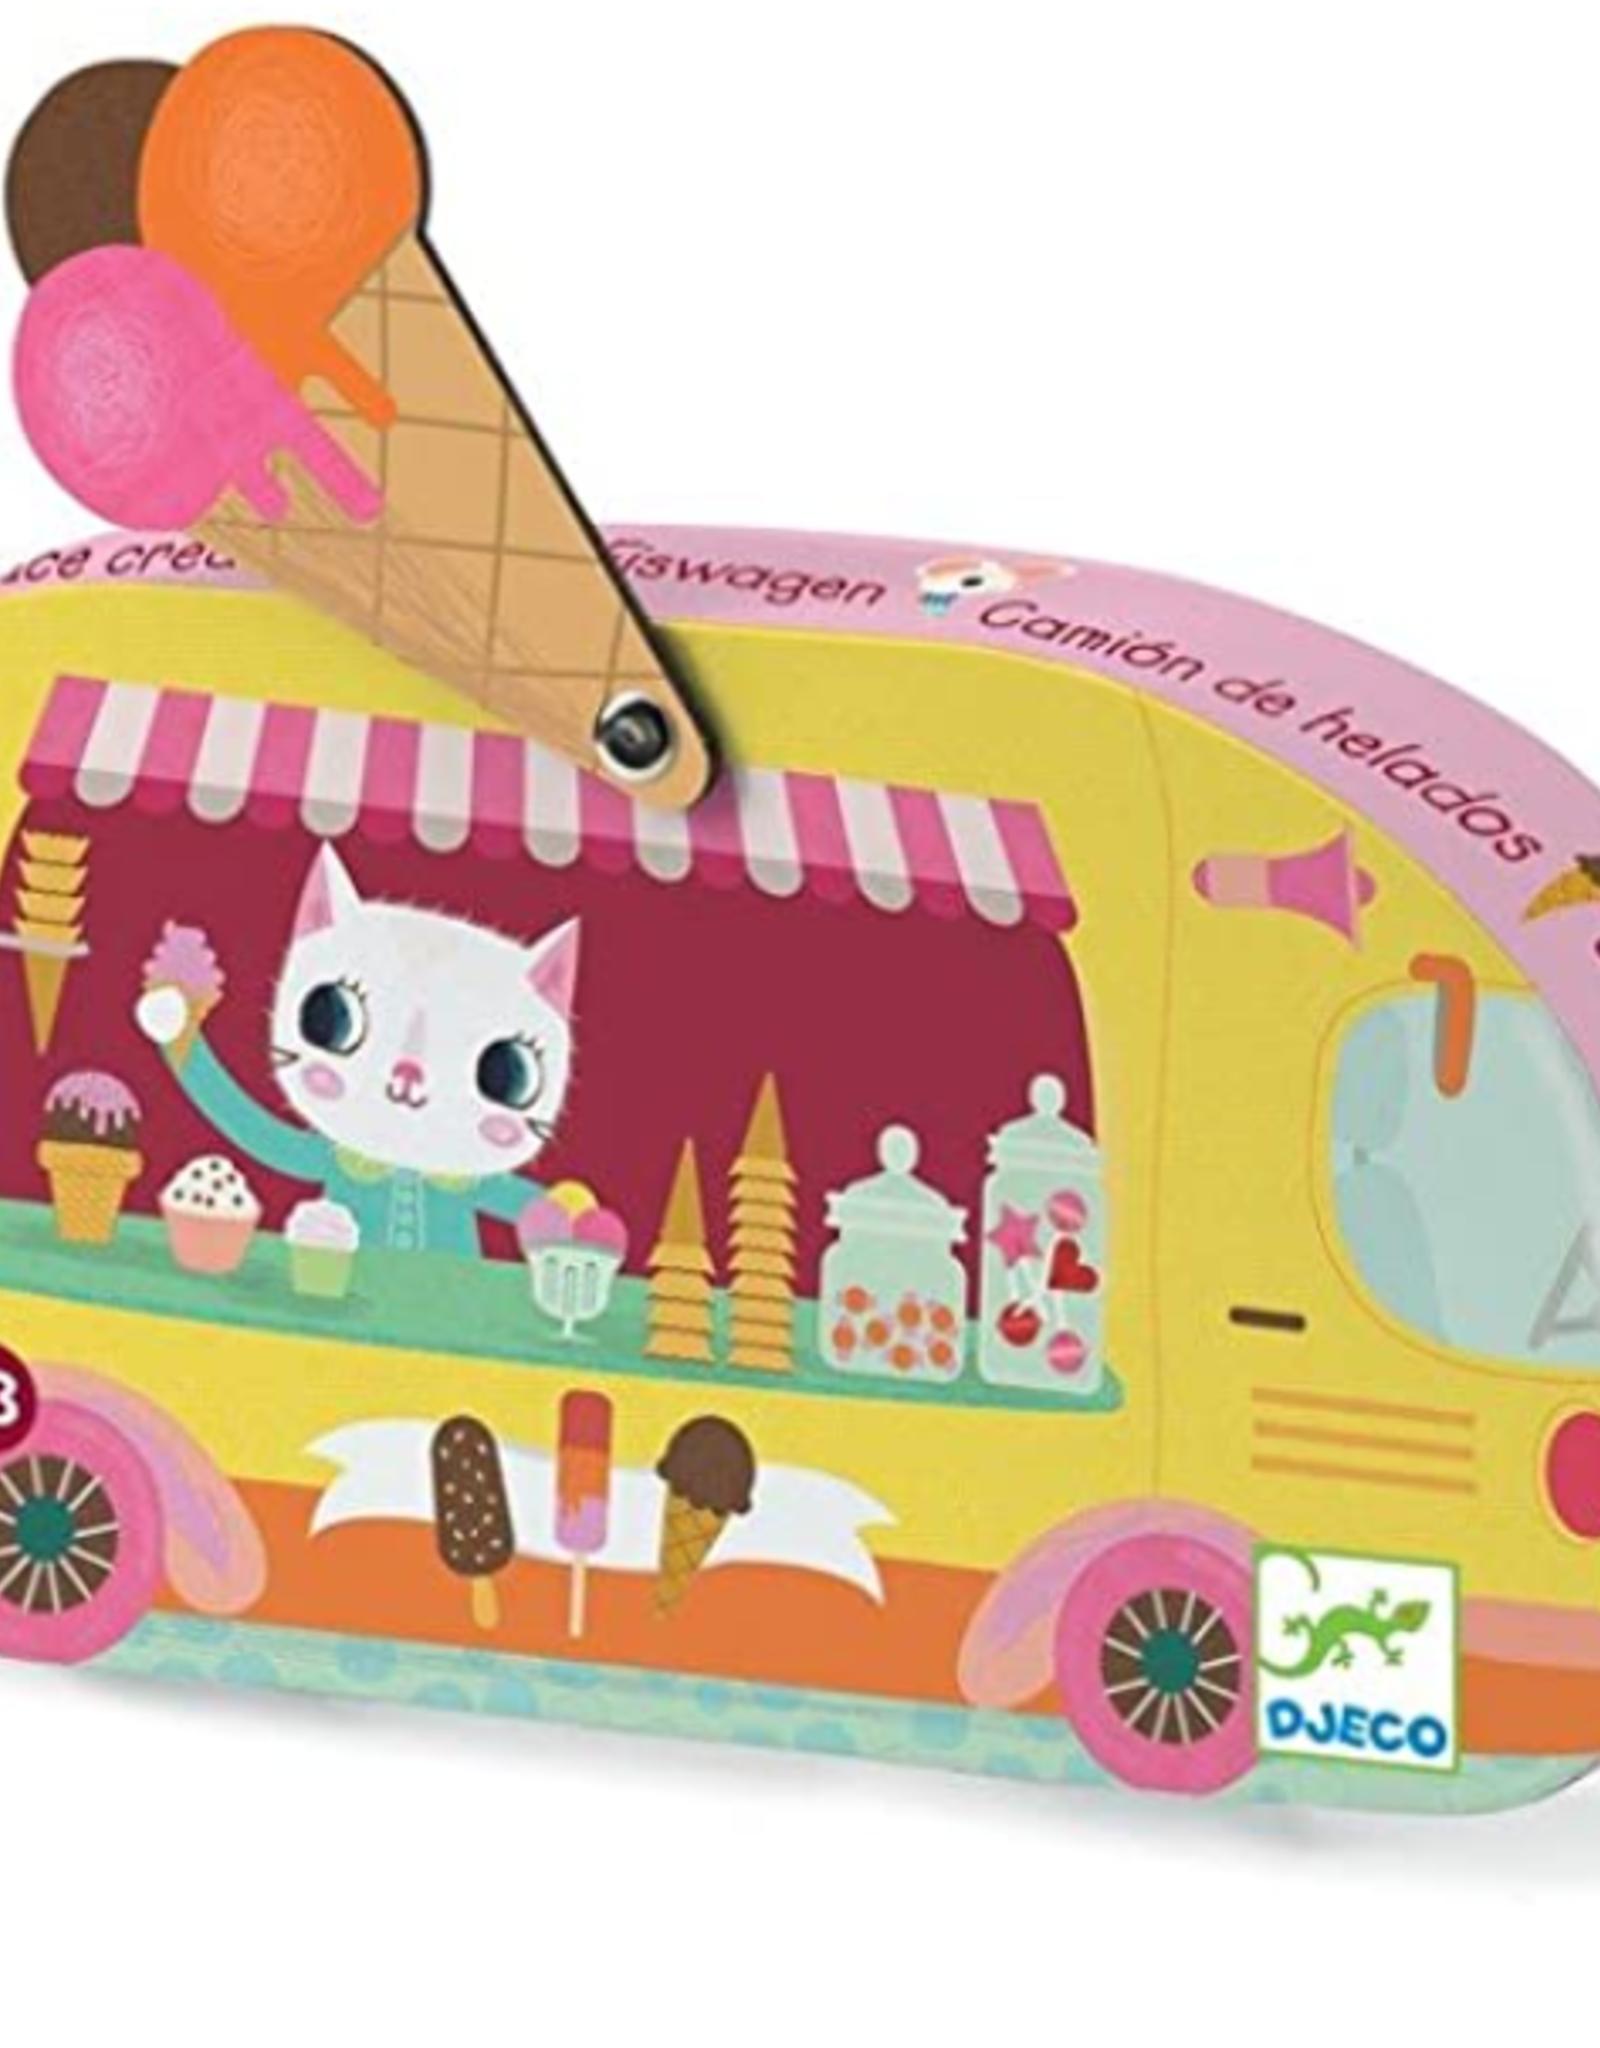 Djeco Mini Silhouette Puzzle 16pc - Ice Cream Truck